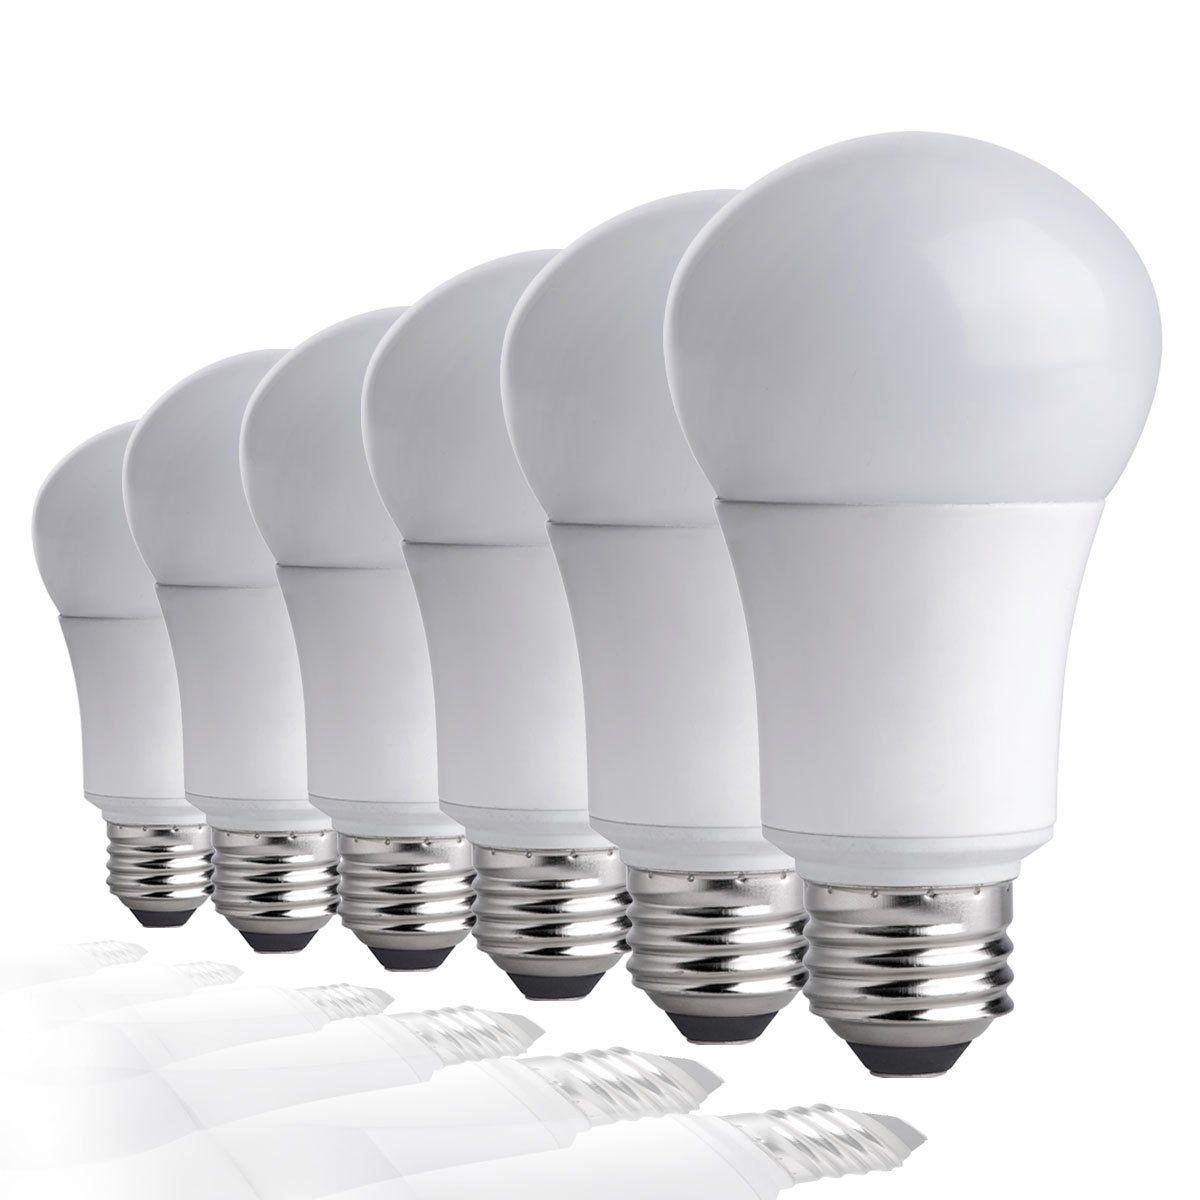 Top 10 Best Led Light Bulbs In 2019 Reviews Led Light Bulbs Led Light Bulb Led Bulb